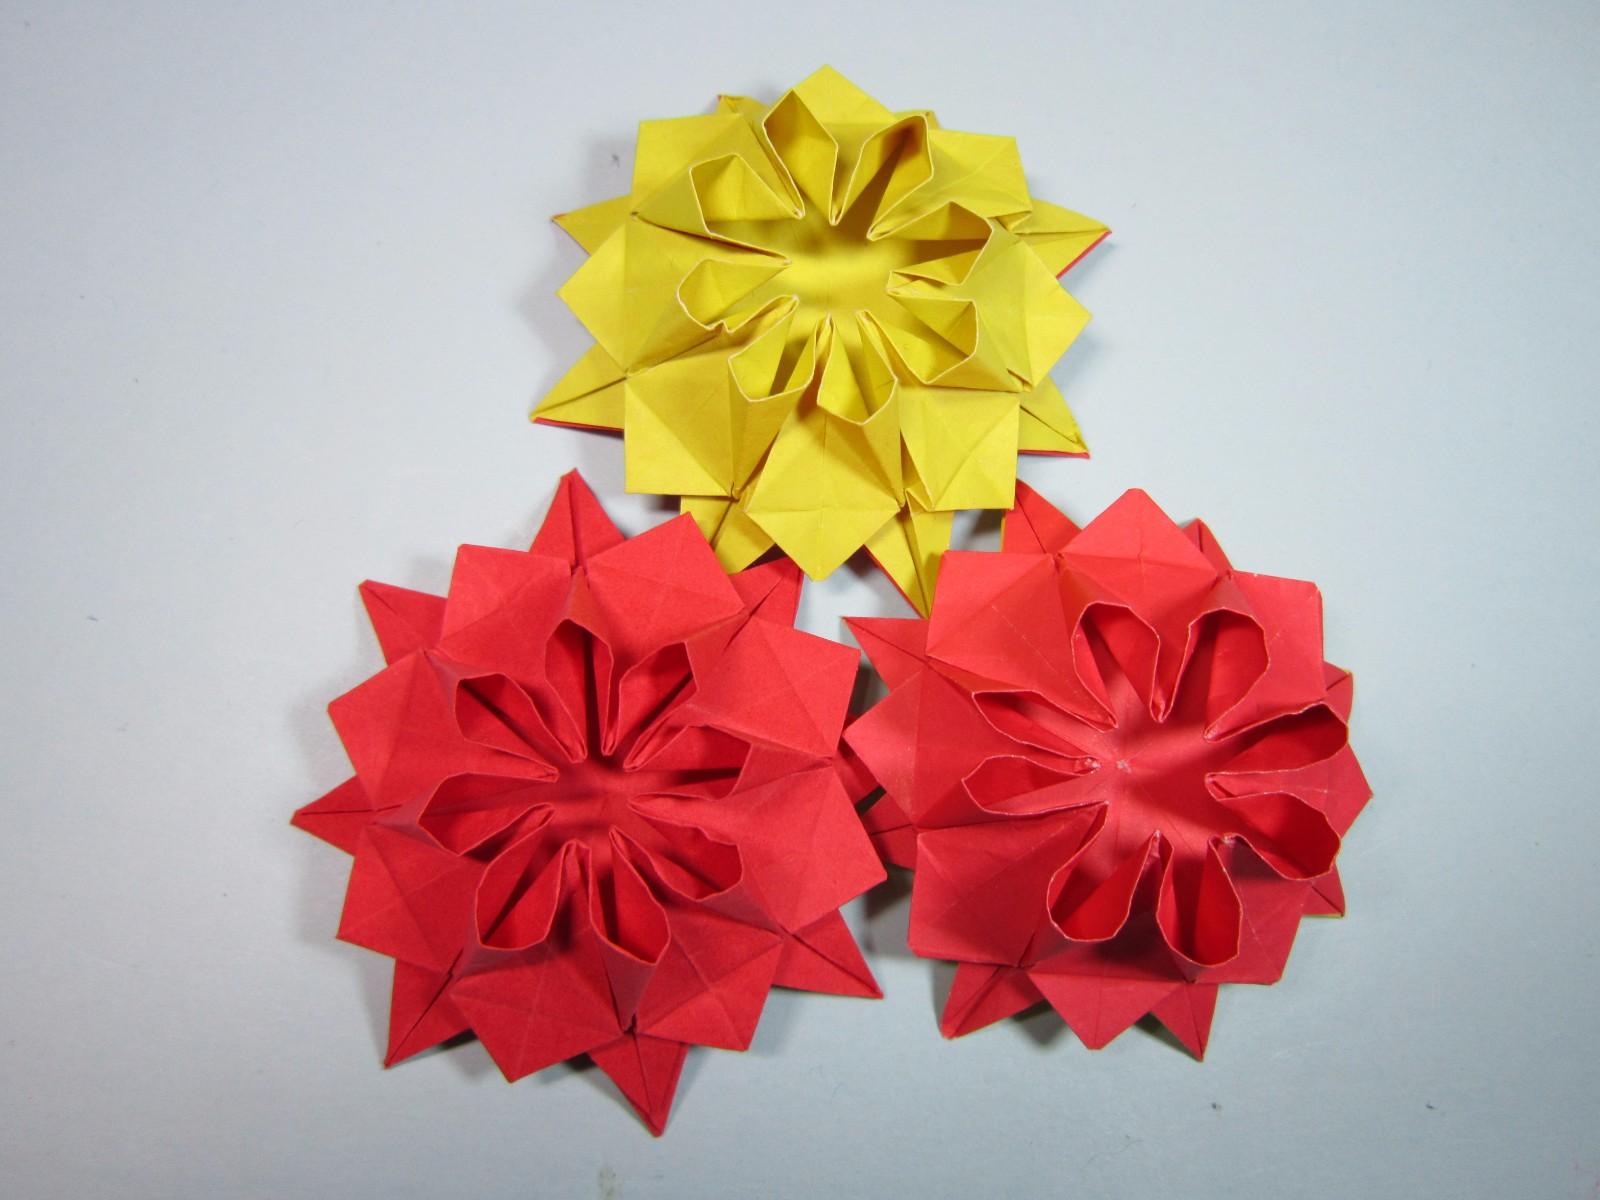 折纸大全简单又漂亮花,一张纸就能学会太阳花的折法